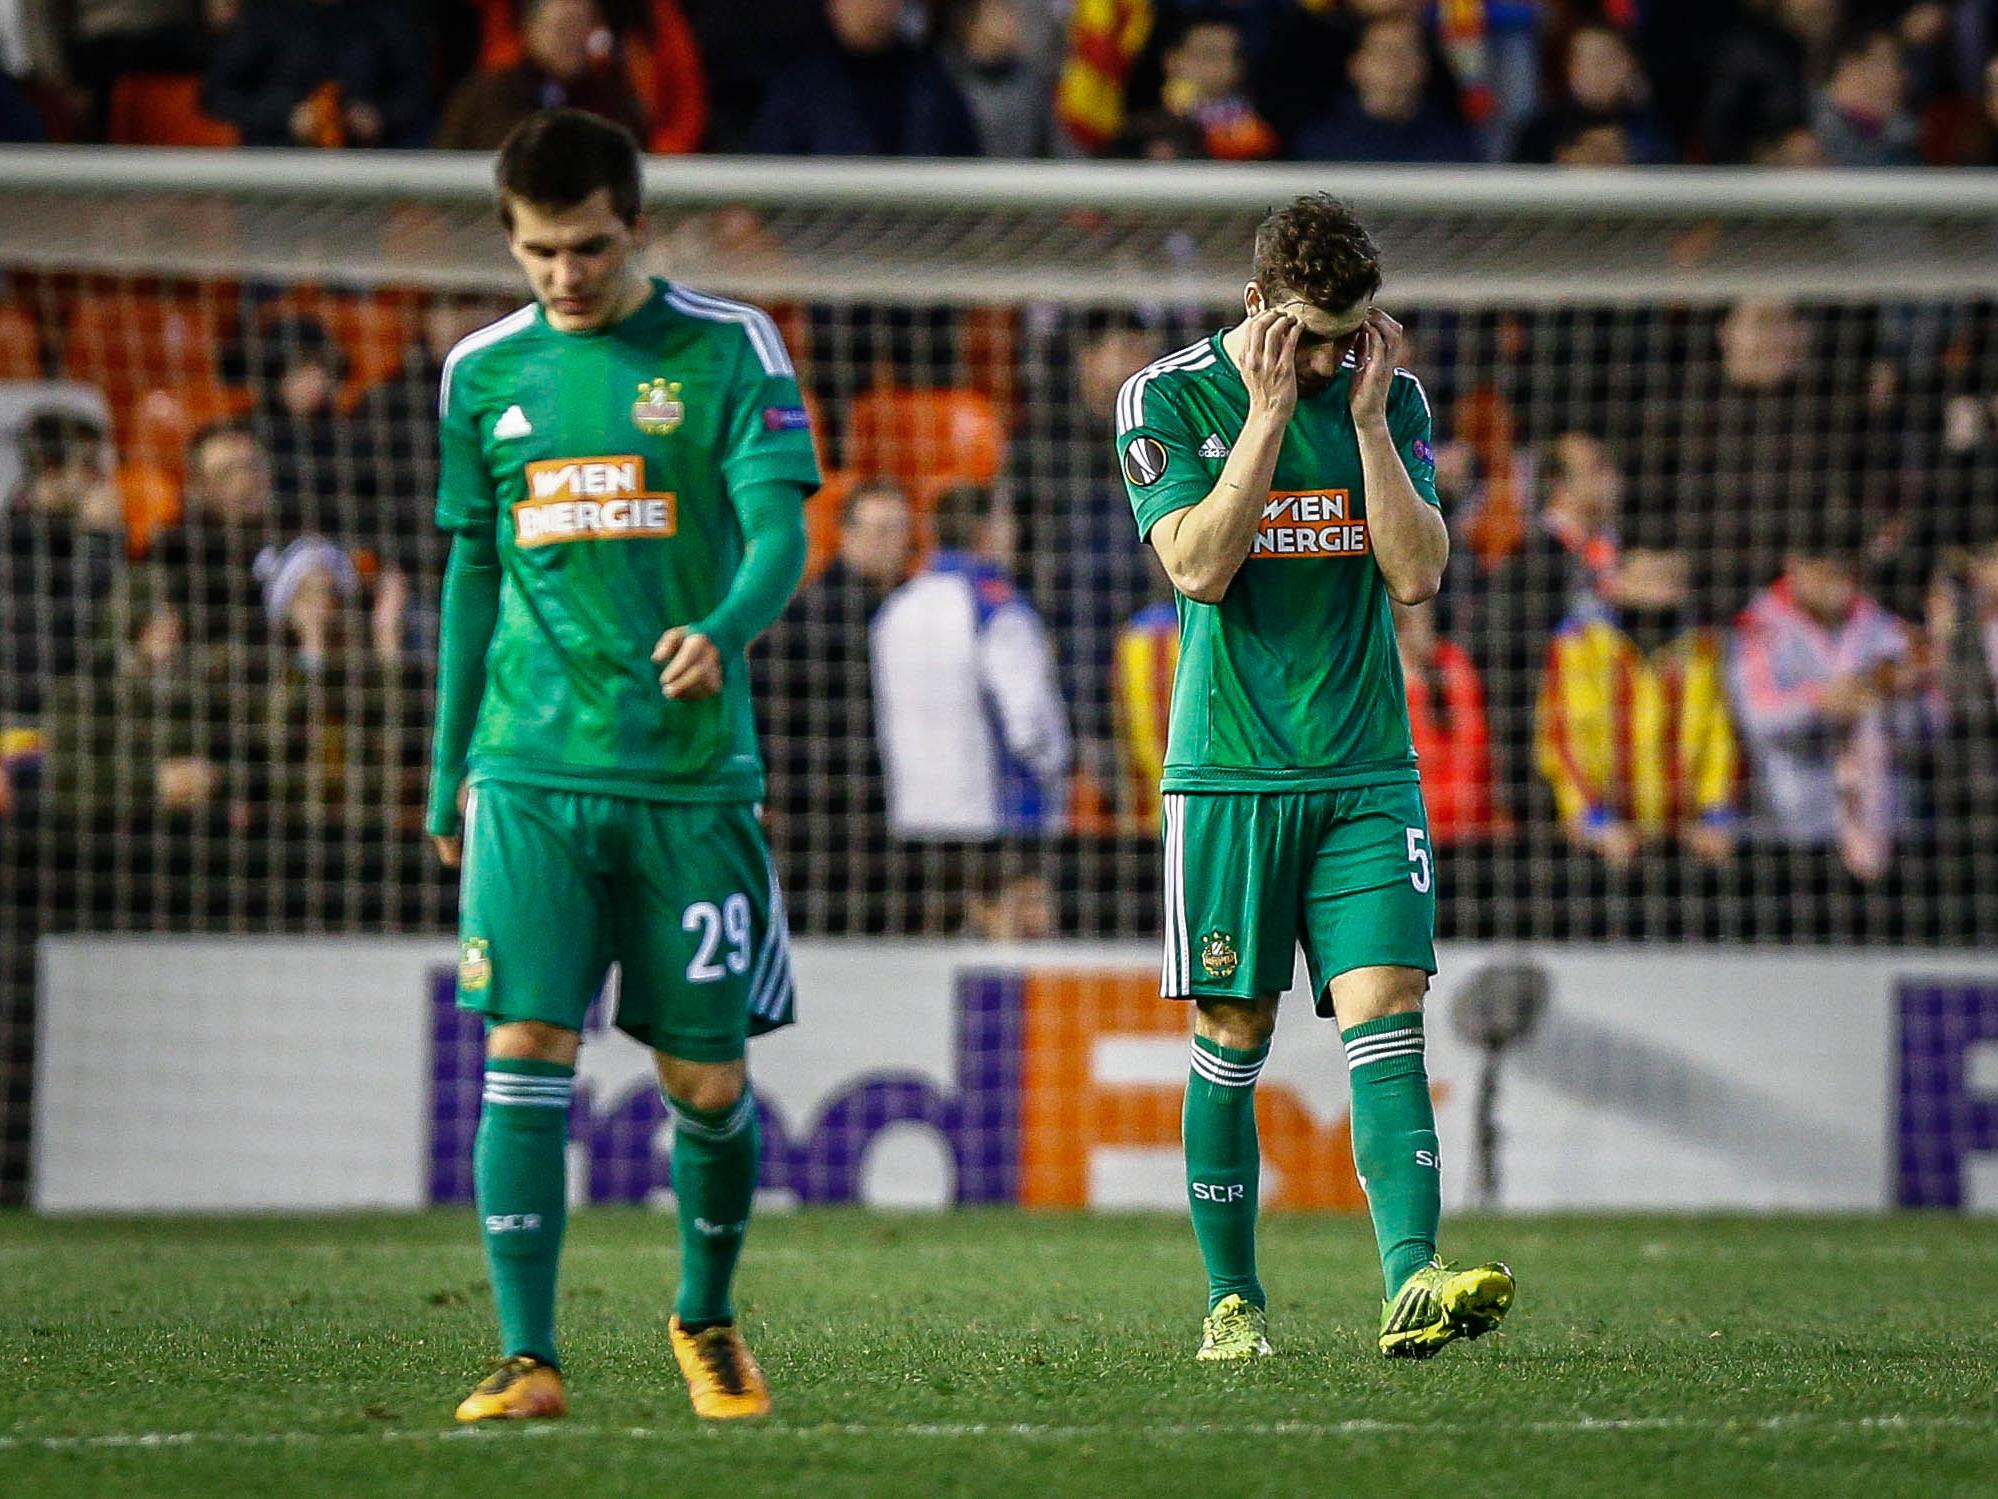 Der grün-weiße Europa-League-Traum ist jäh geplatzt.